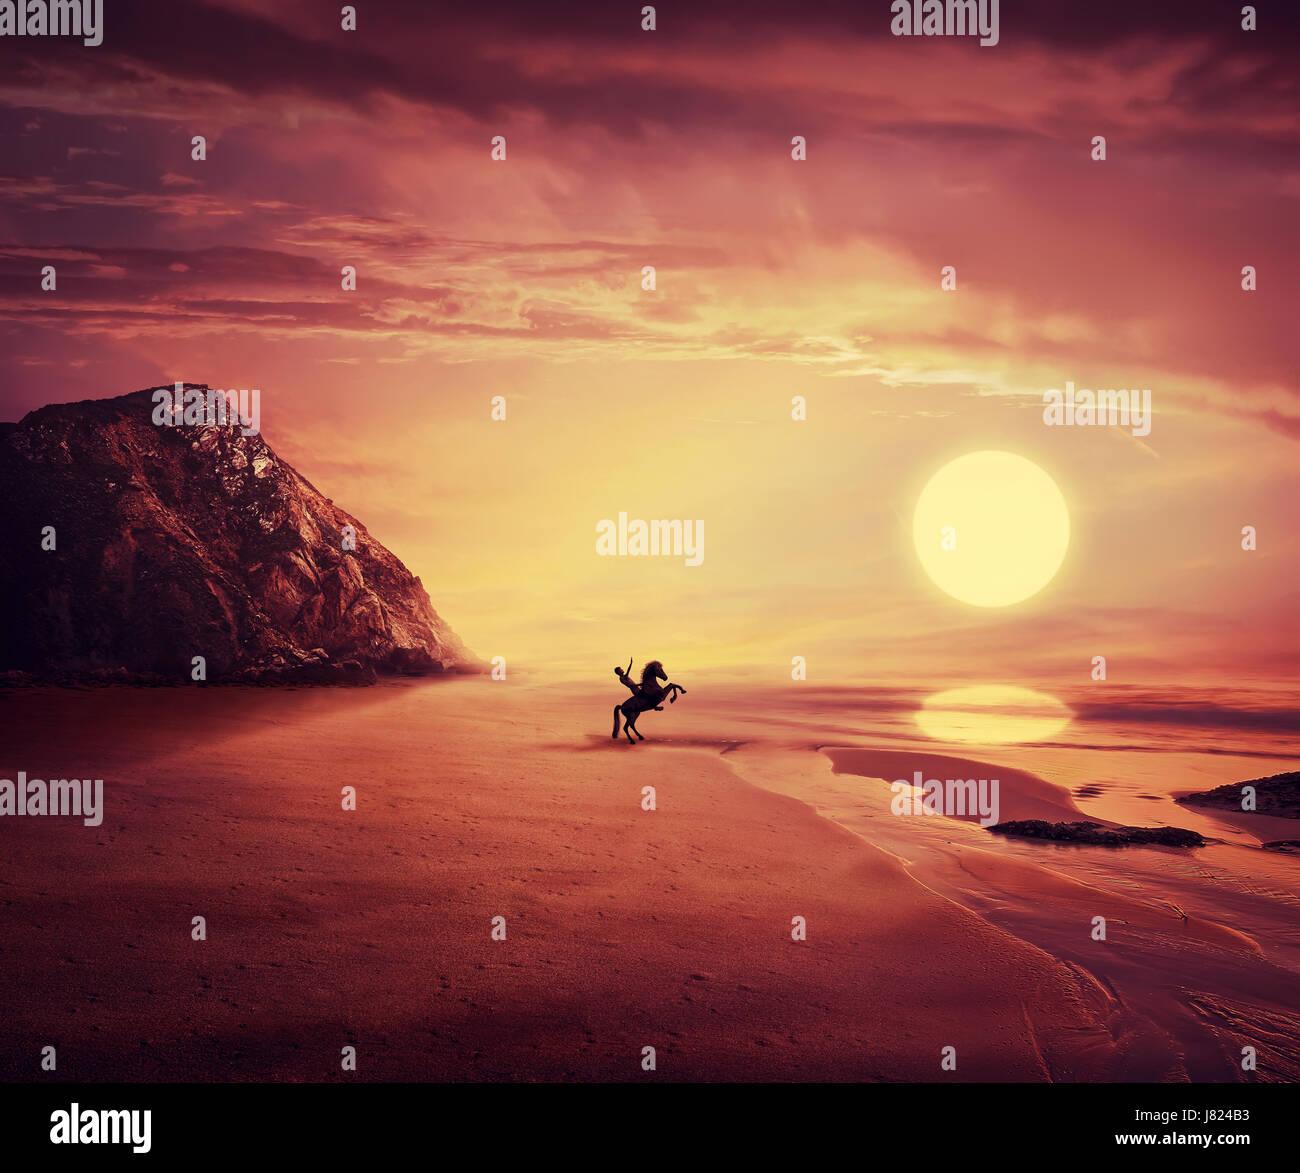 Joven montando un caballo salvaje cerca de la orilla del mar a través de una puesta de sol caliente de fondo. El Foto de stock